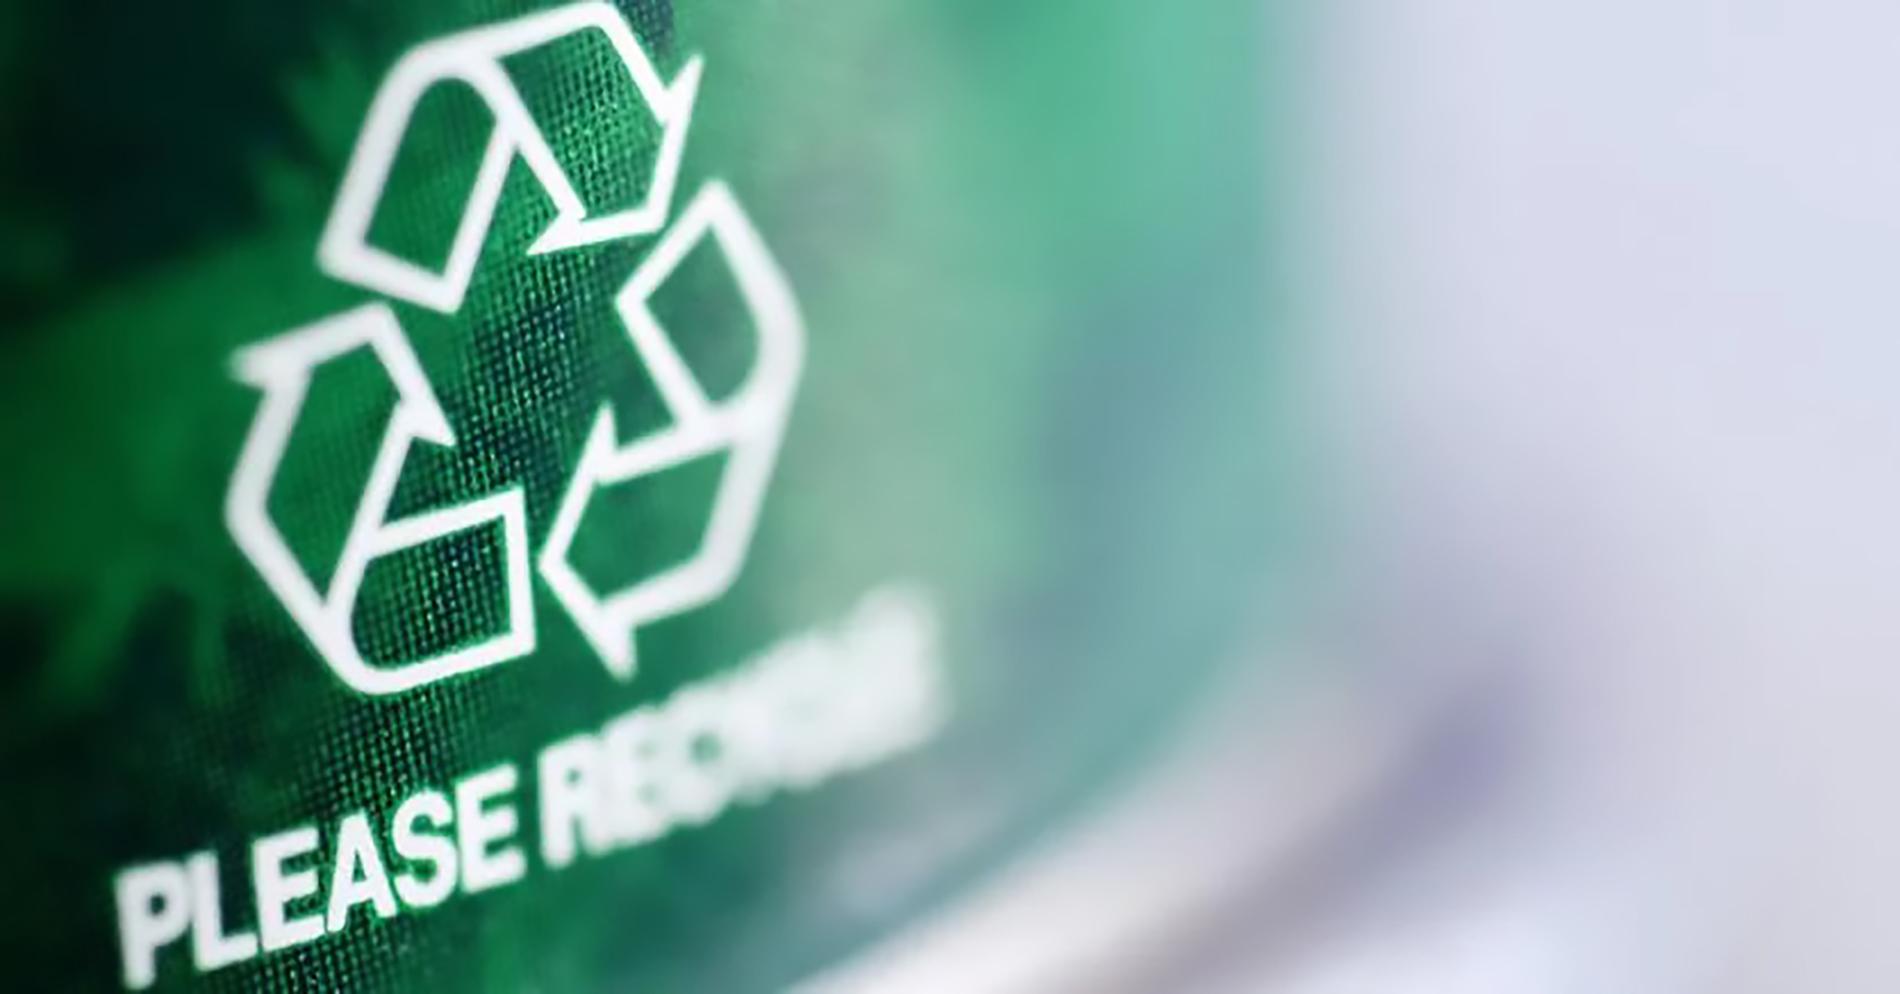 La grande sfida_plastiche alleate della Green Economy